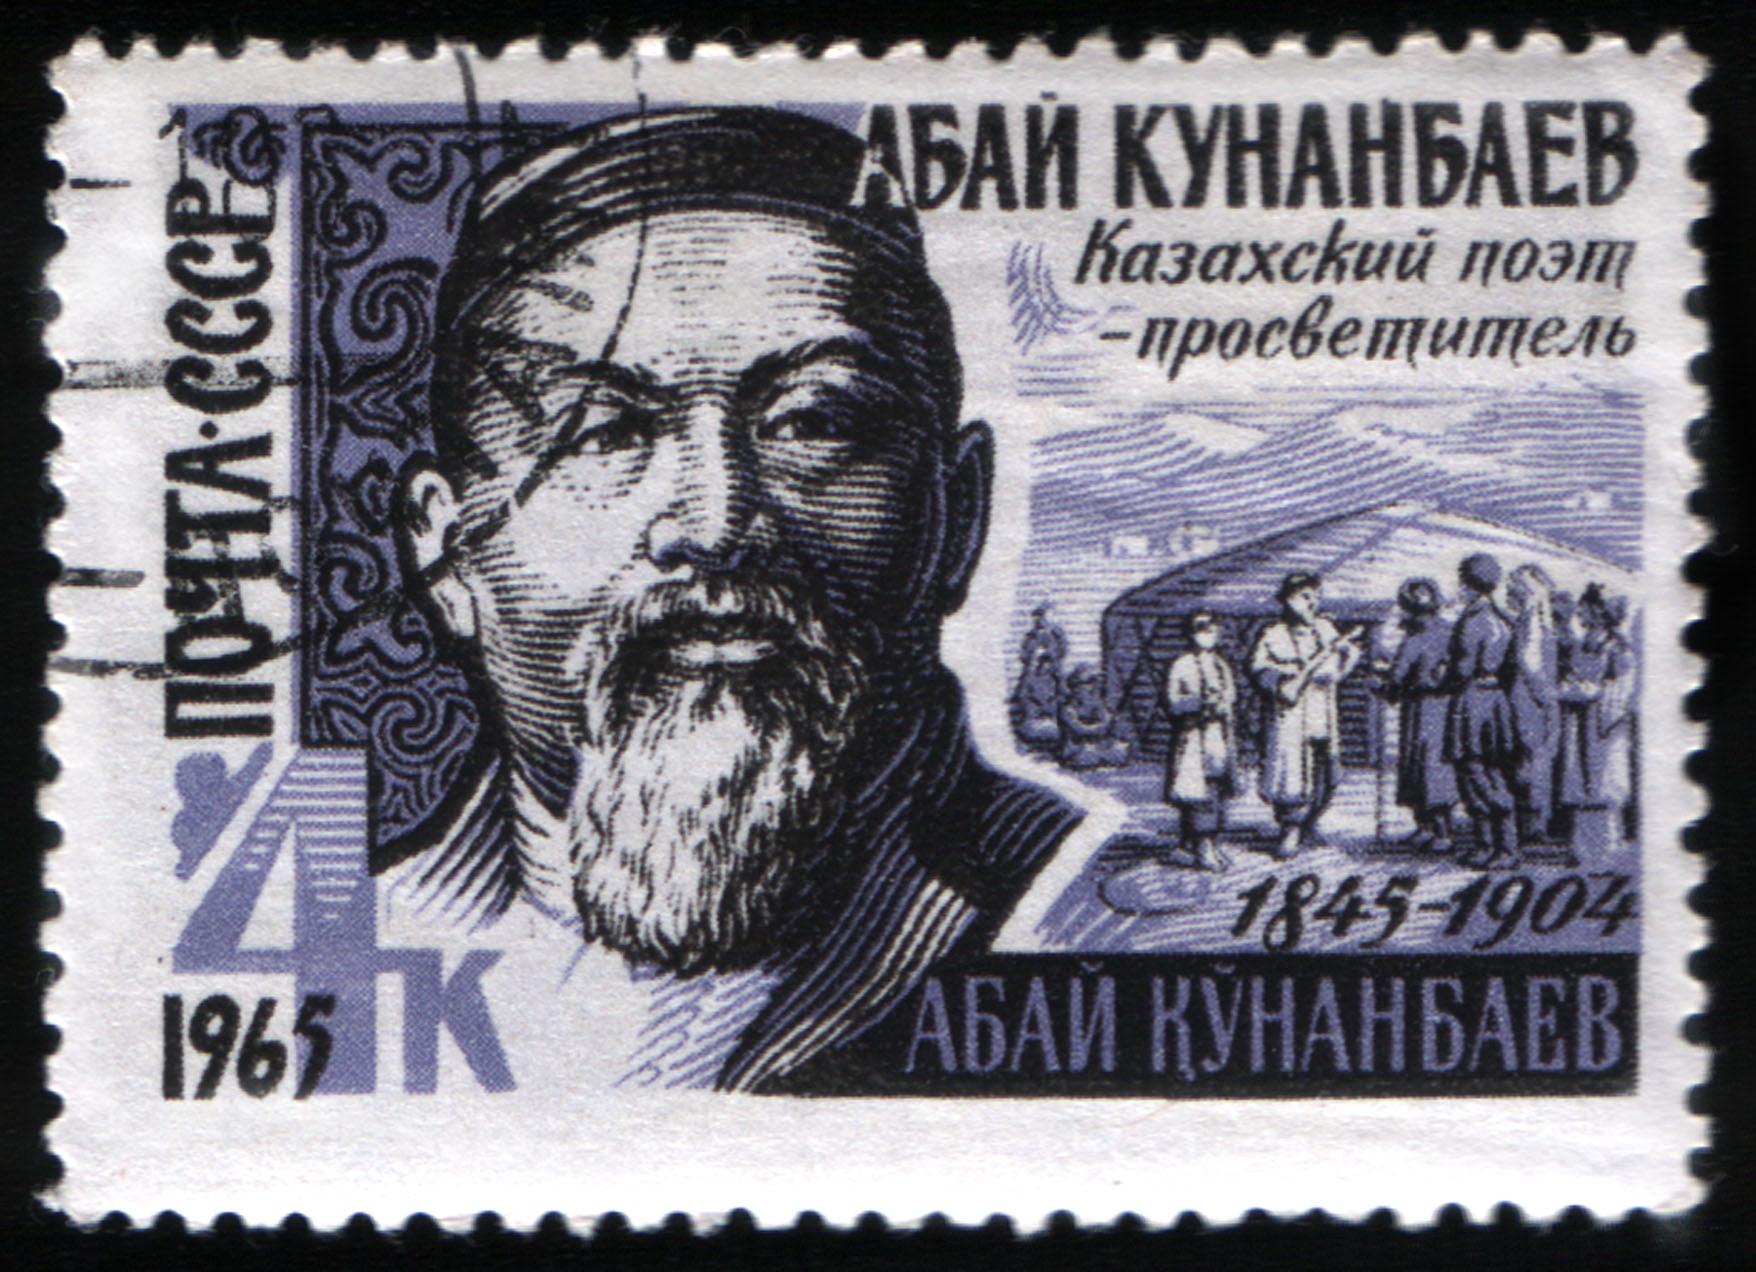 カザフスタン文学 - Wikipedia